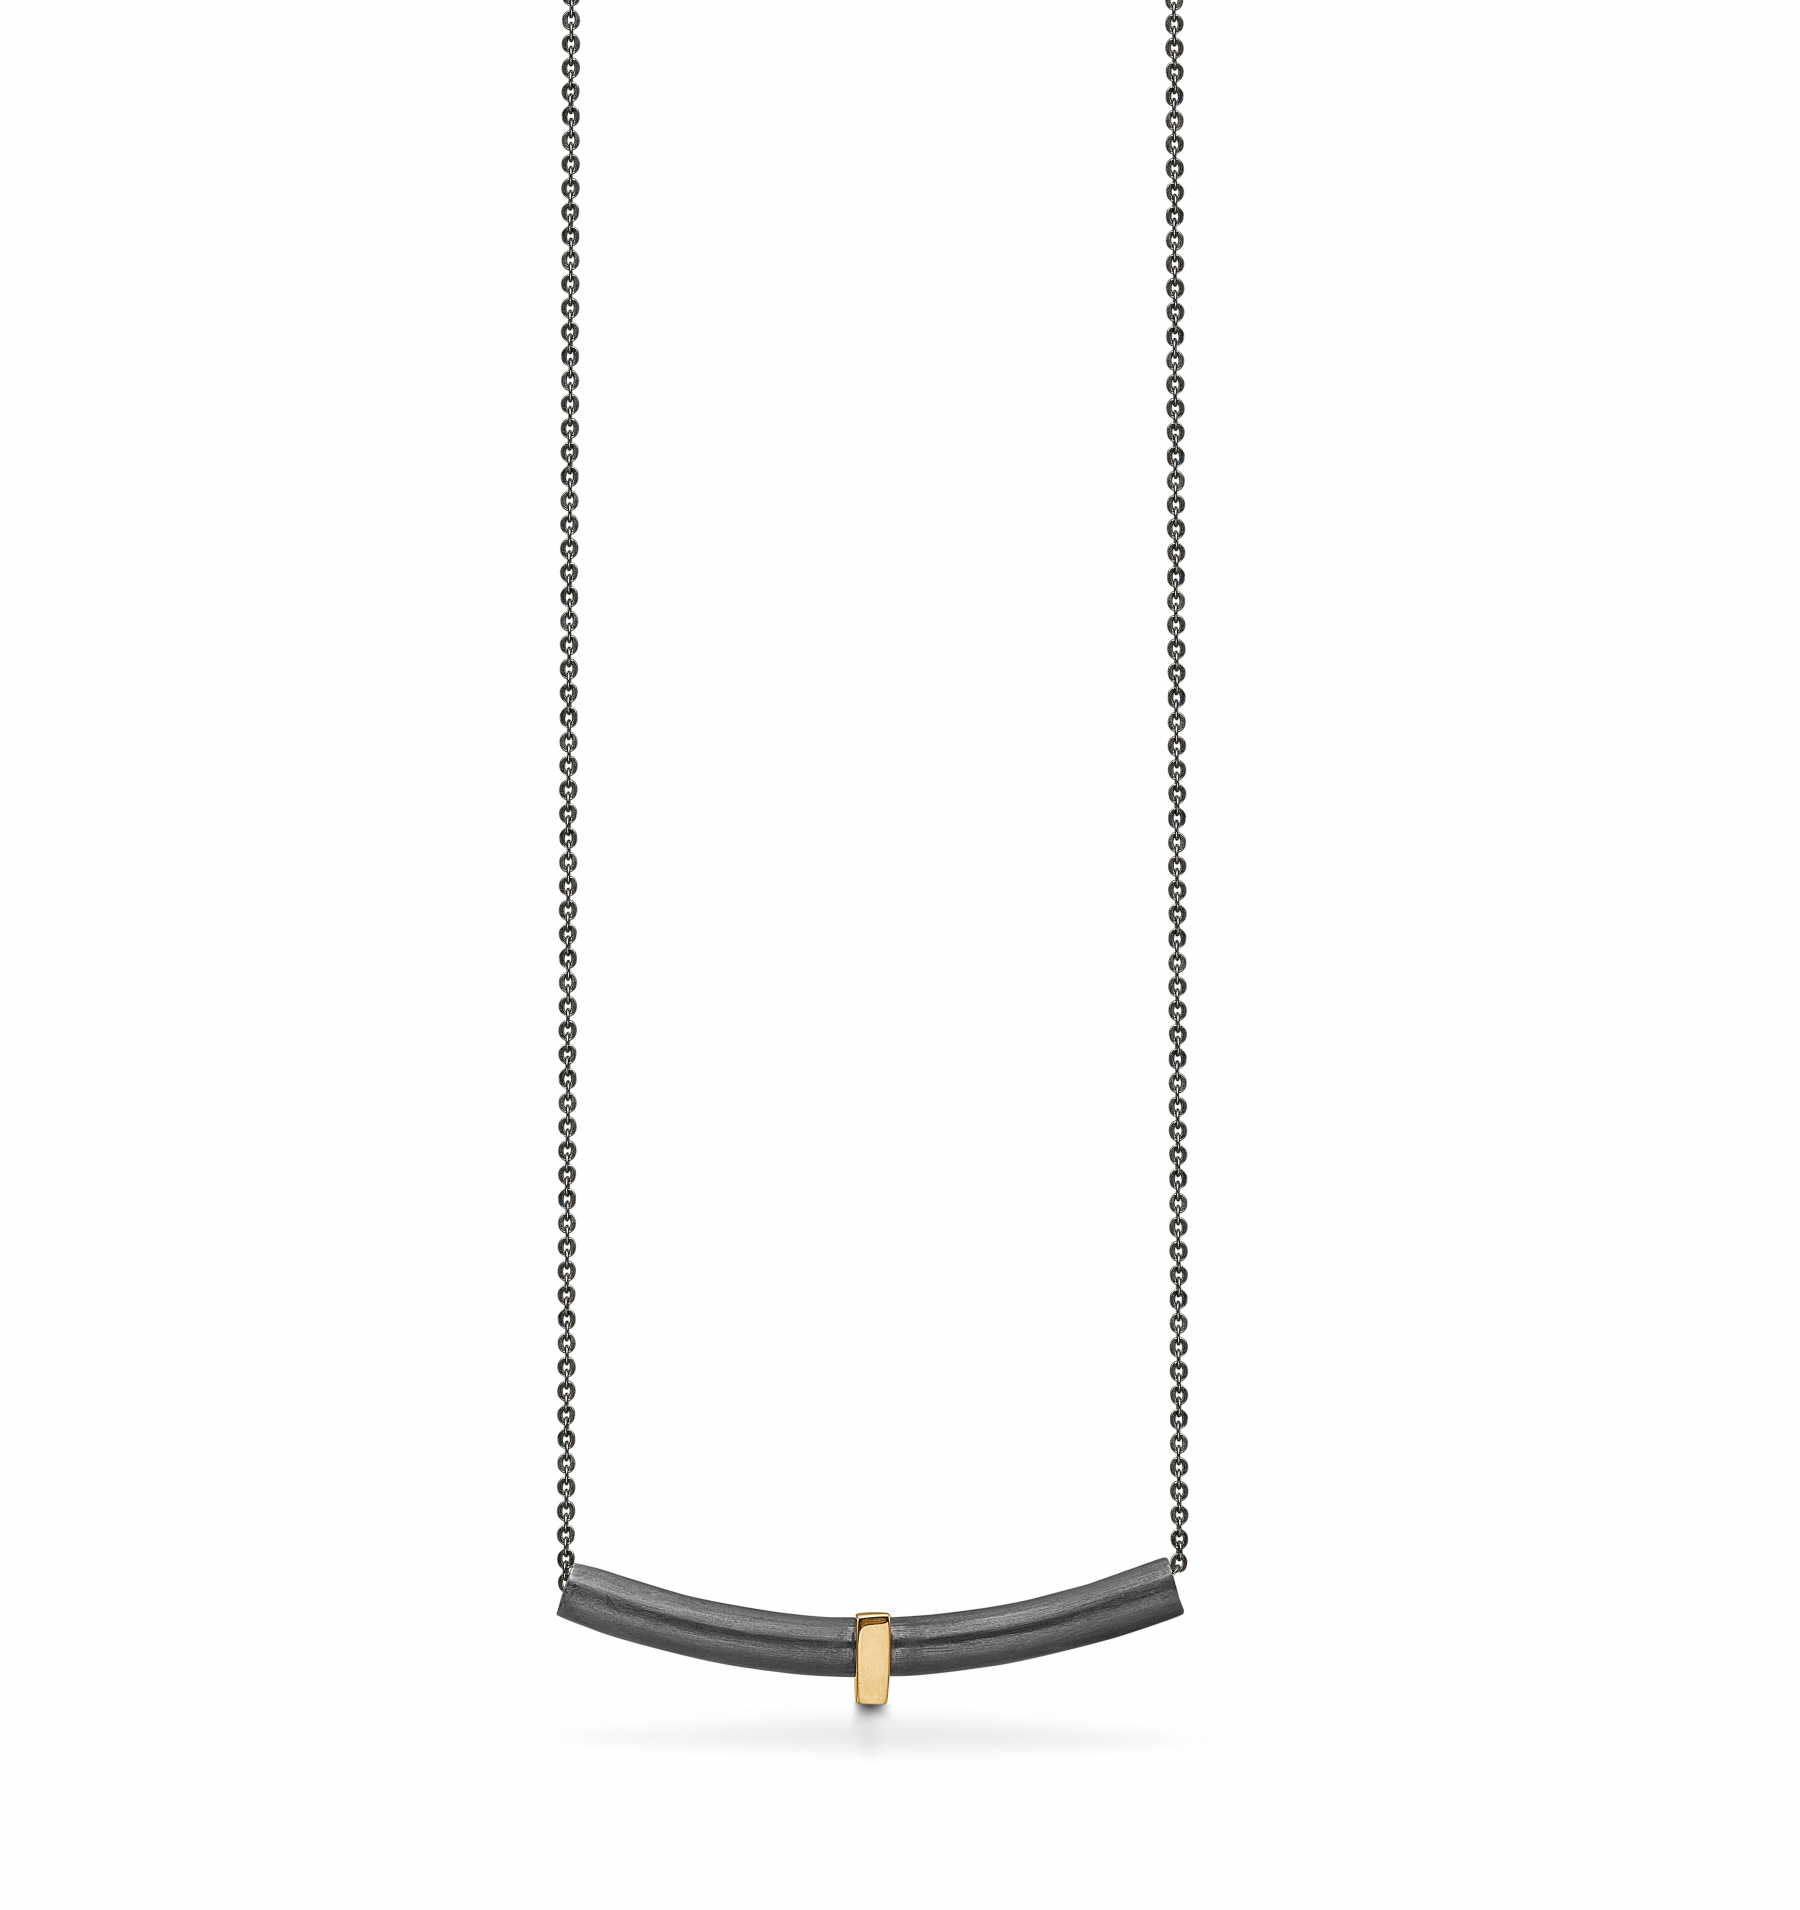 Image of   Aagaard Oxideret Sølv Halskæde med 14 Karat Guld